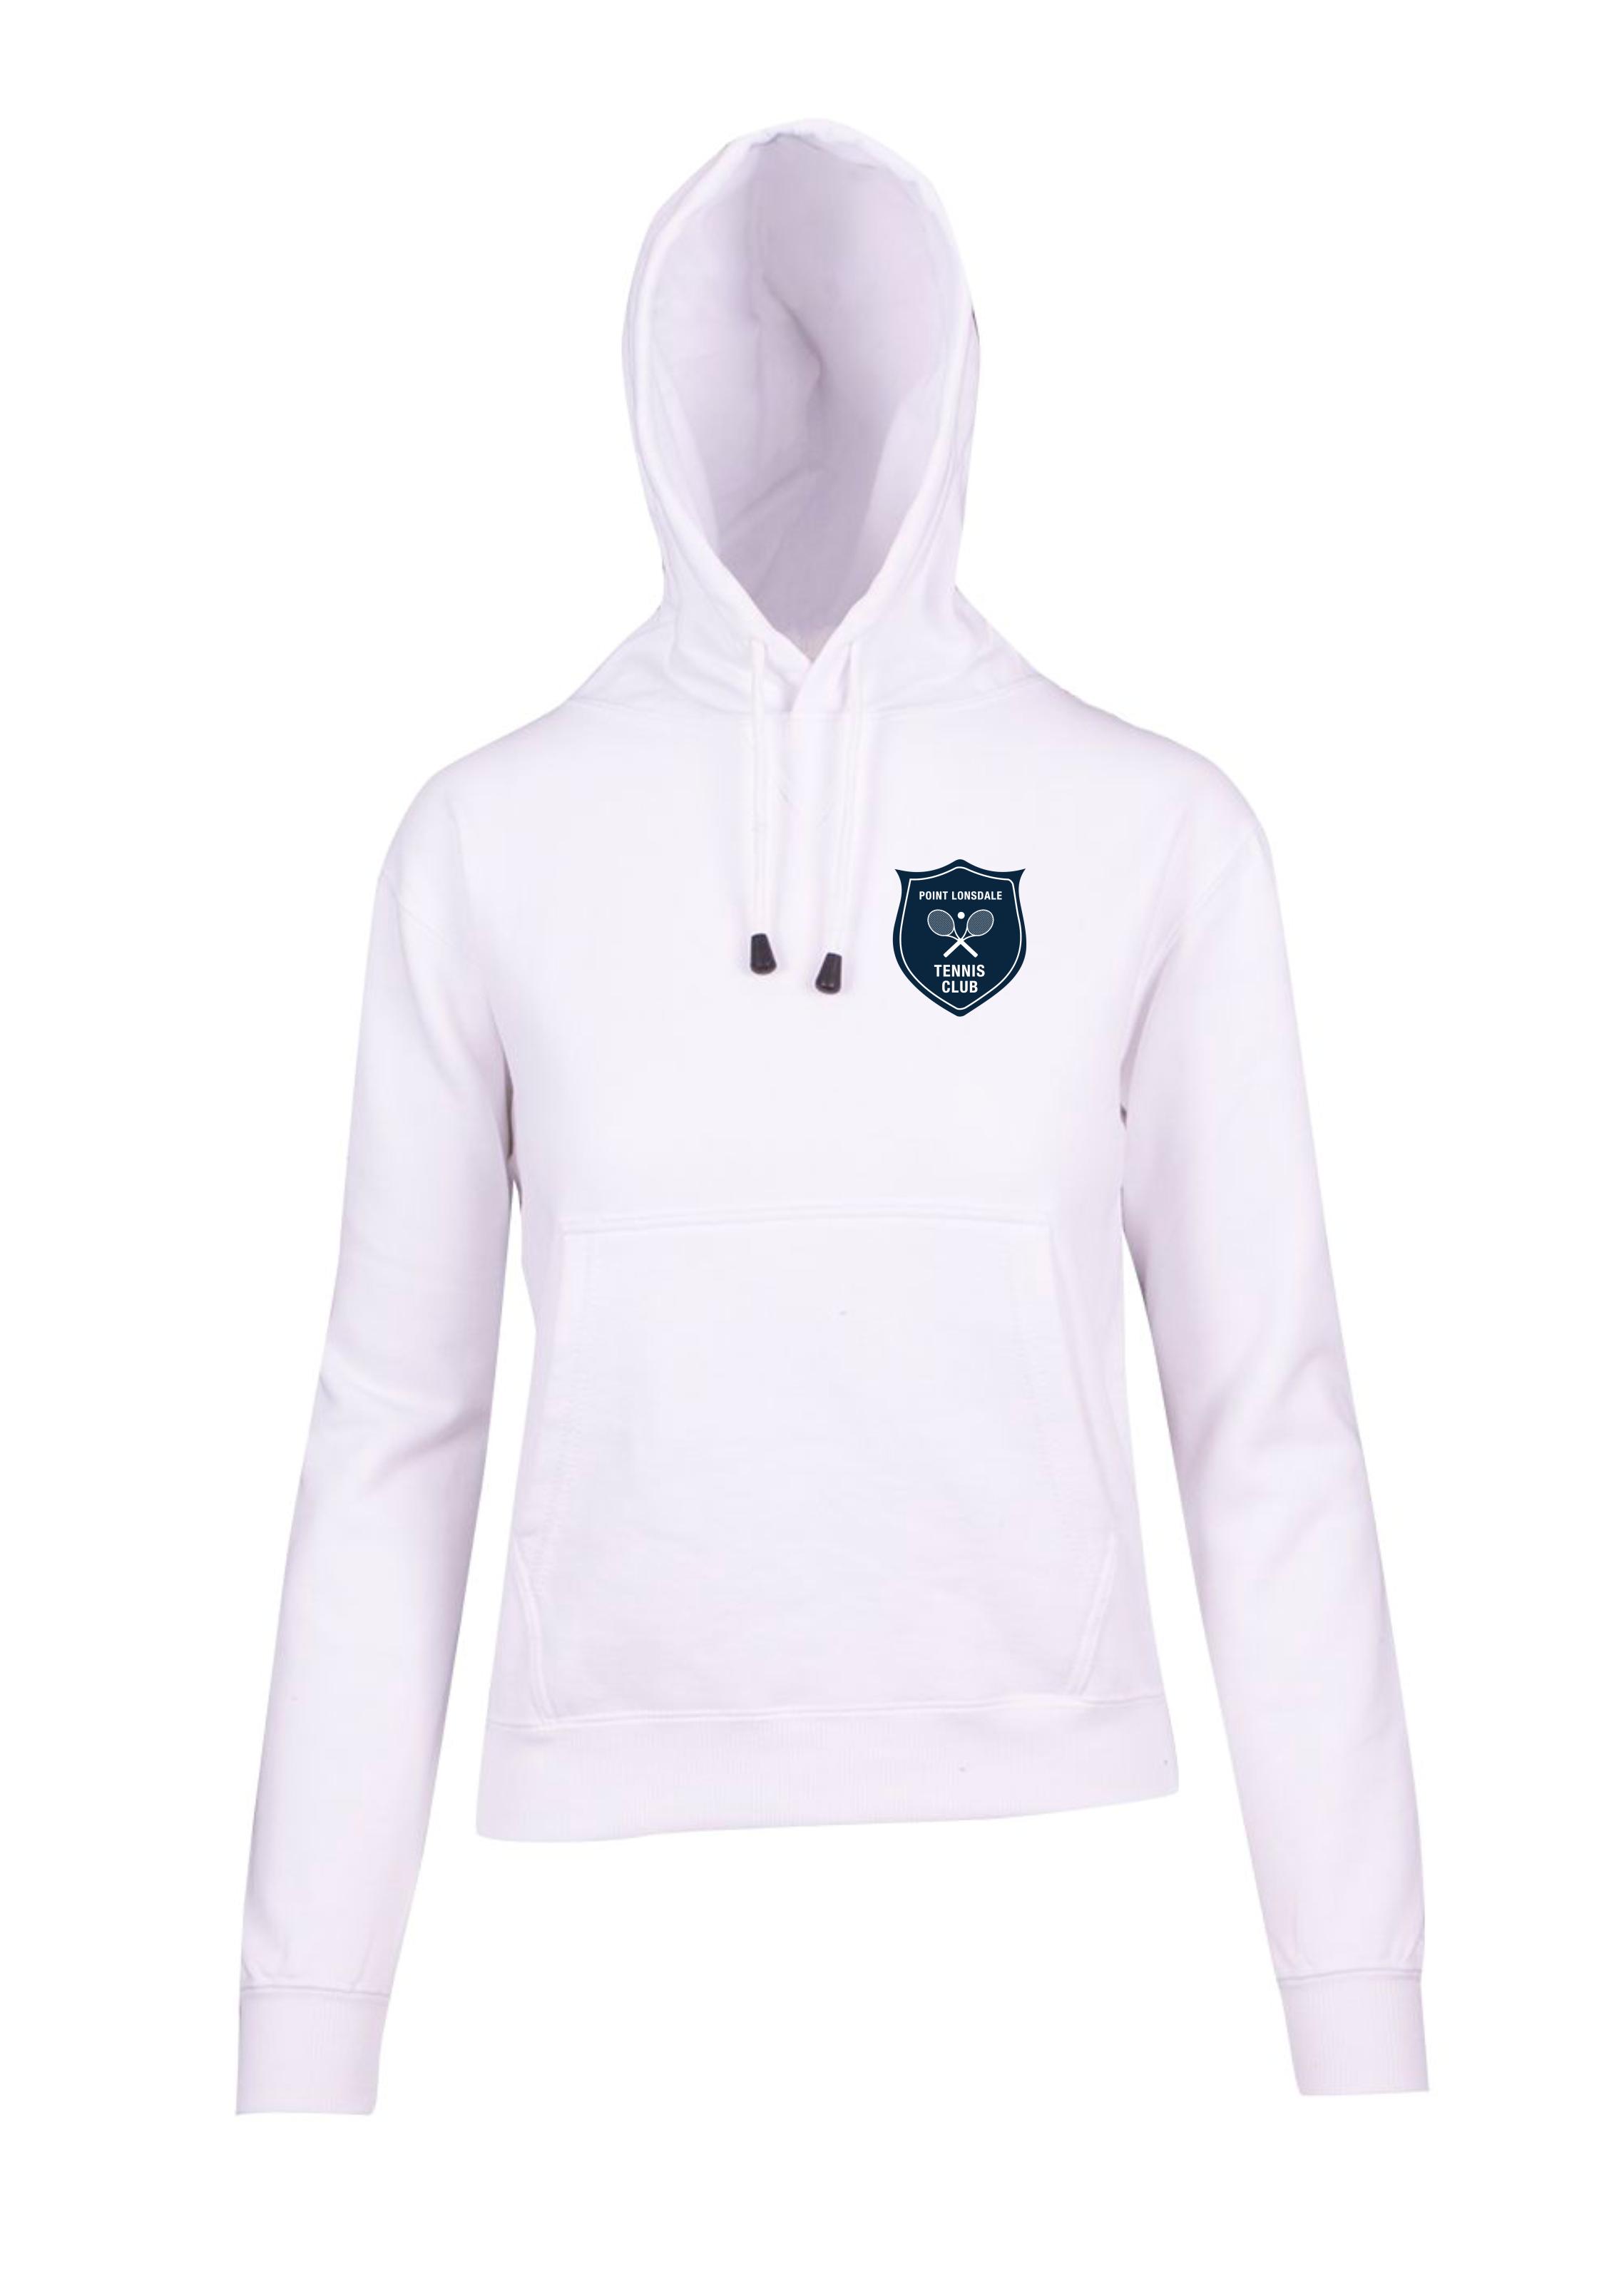 Junior Club Hoodie in Navy or White